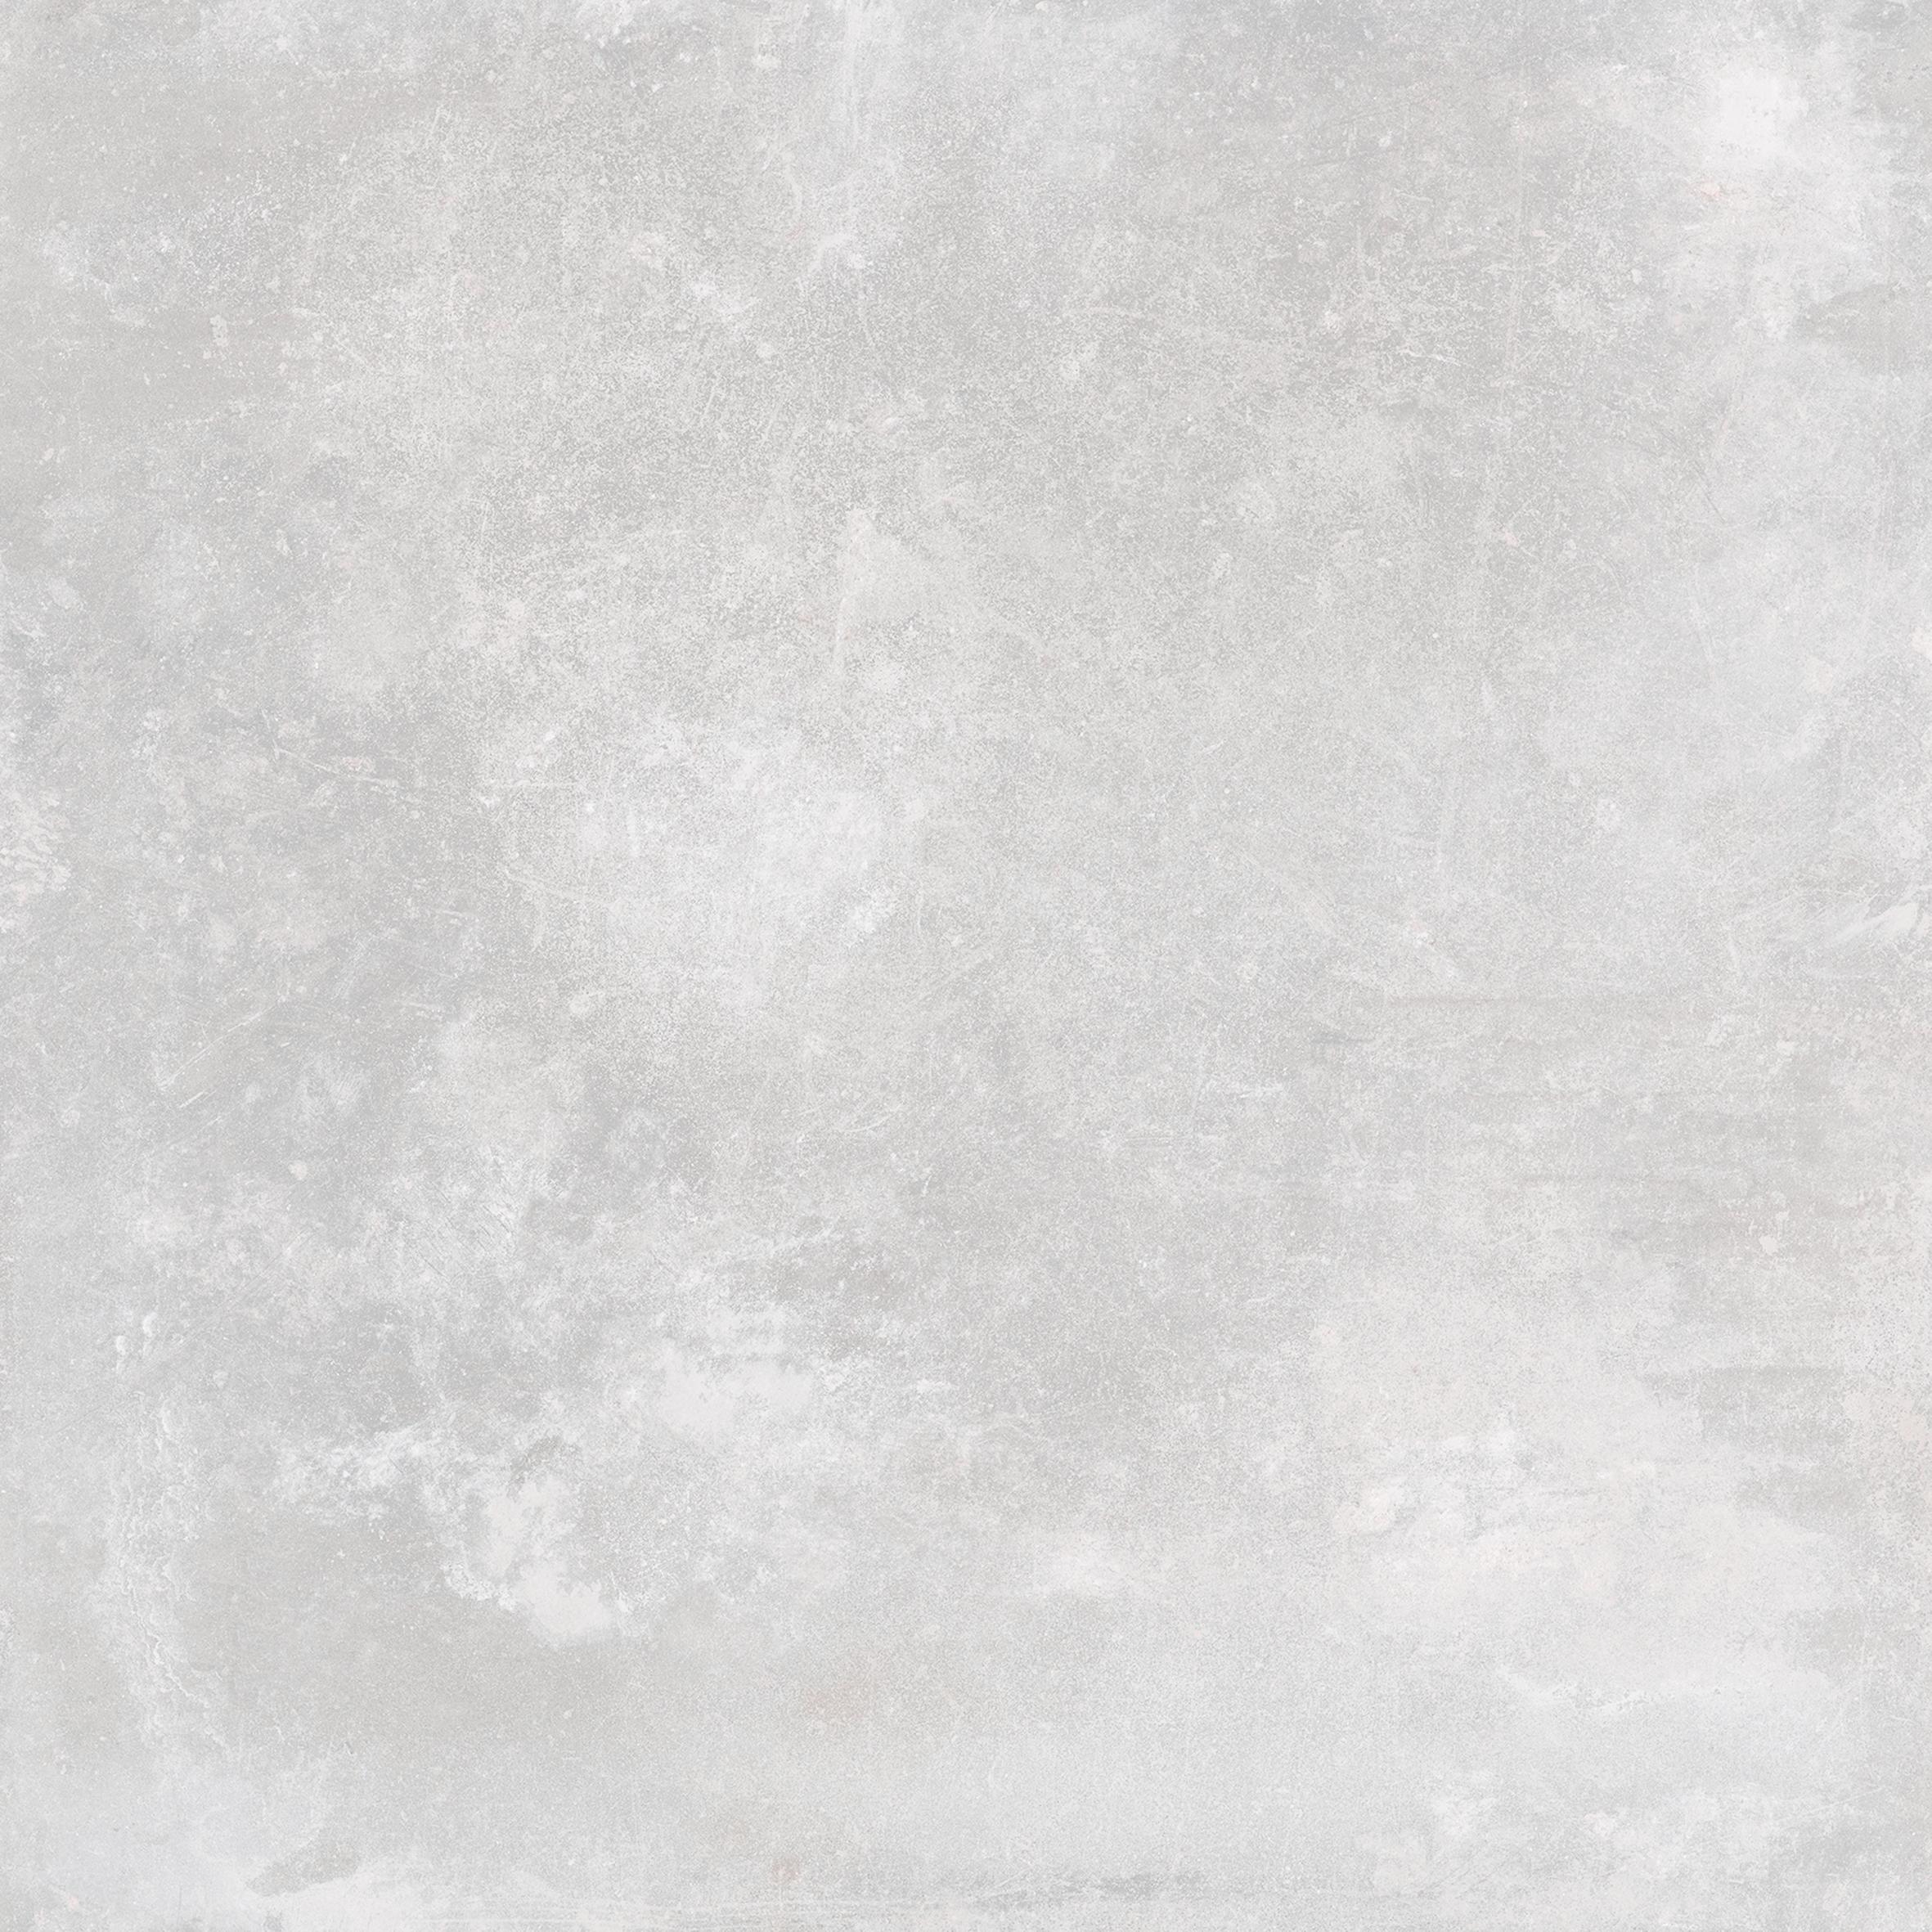 12x24 Grey Ceramic Tile